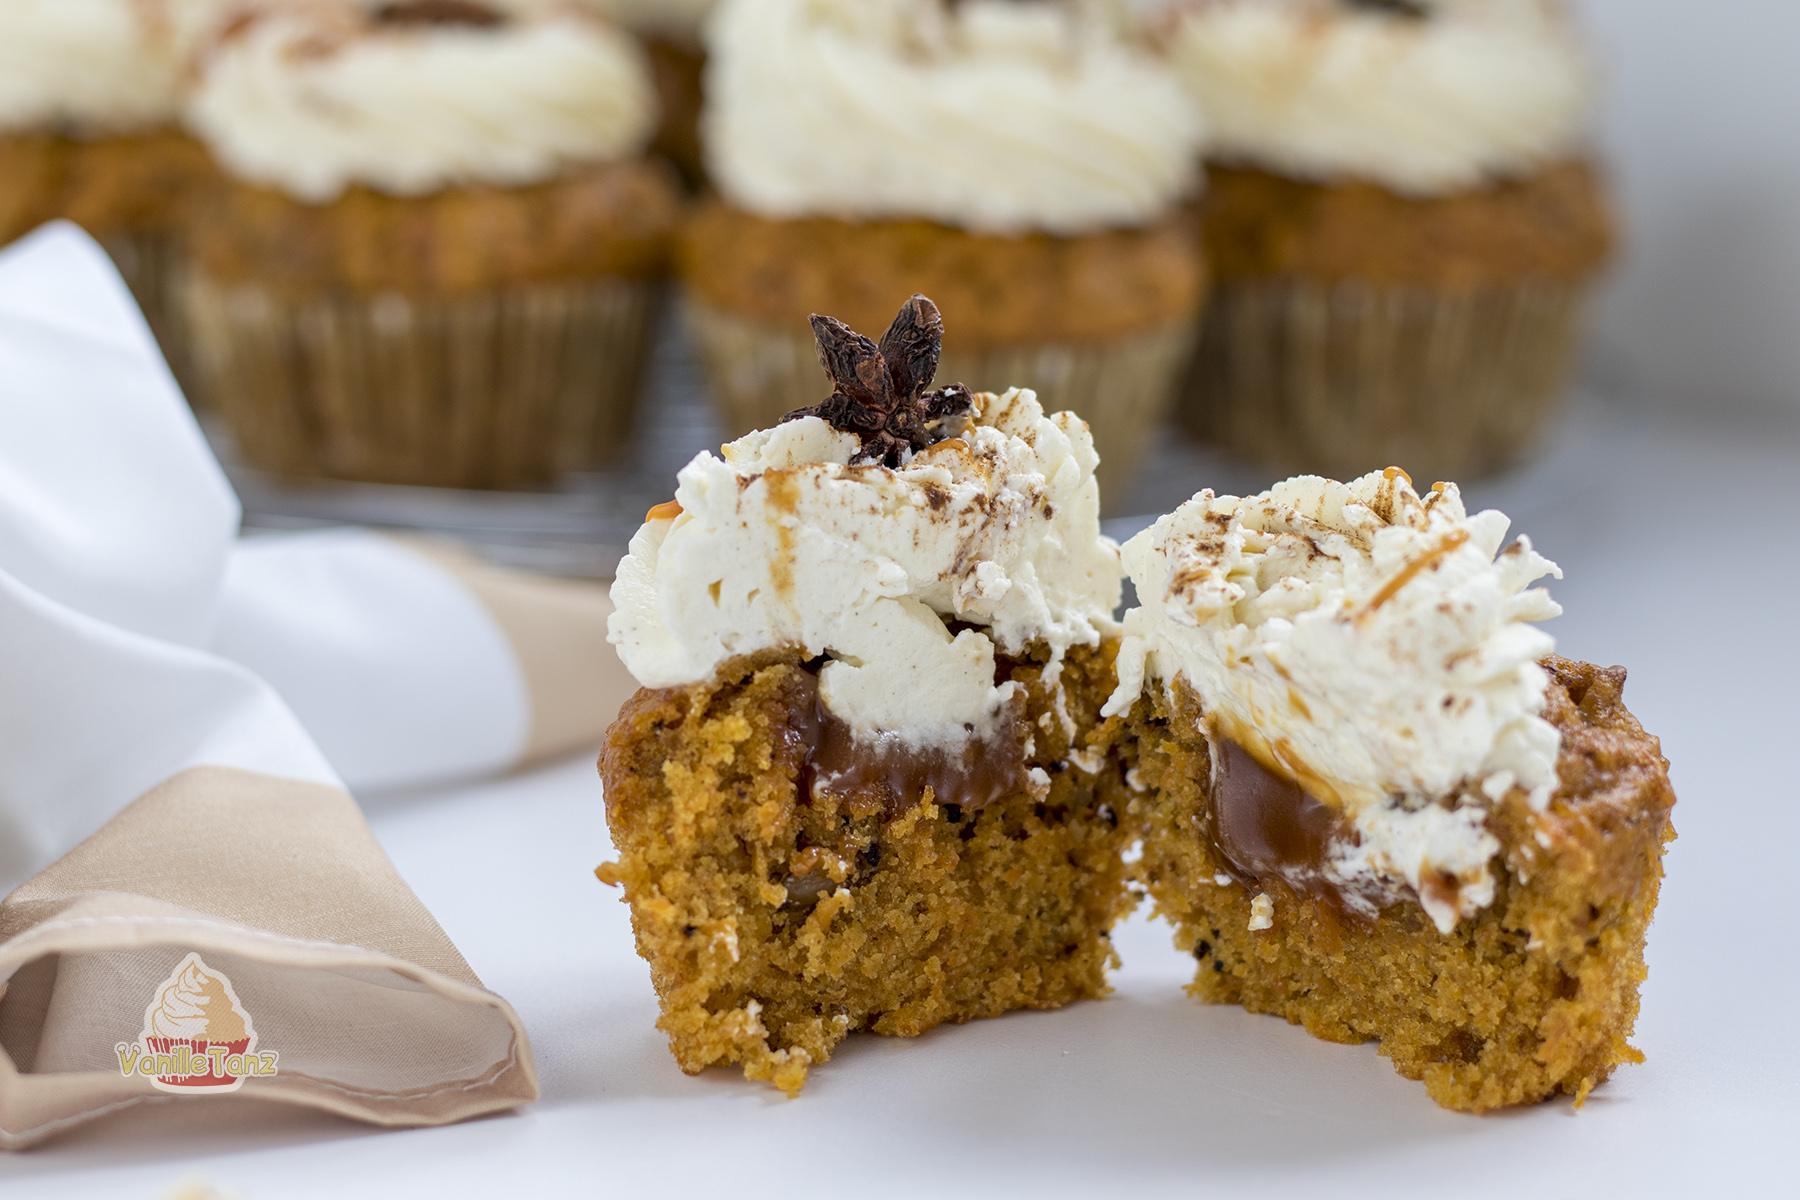 aufgeschnittener Karotten Cupcake mit Karamellfüllung und Frischkäse Haube